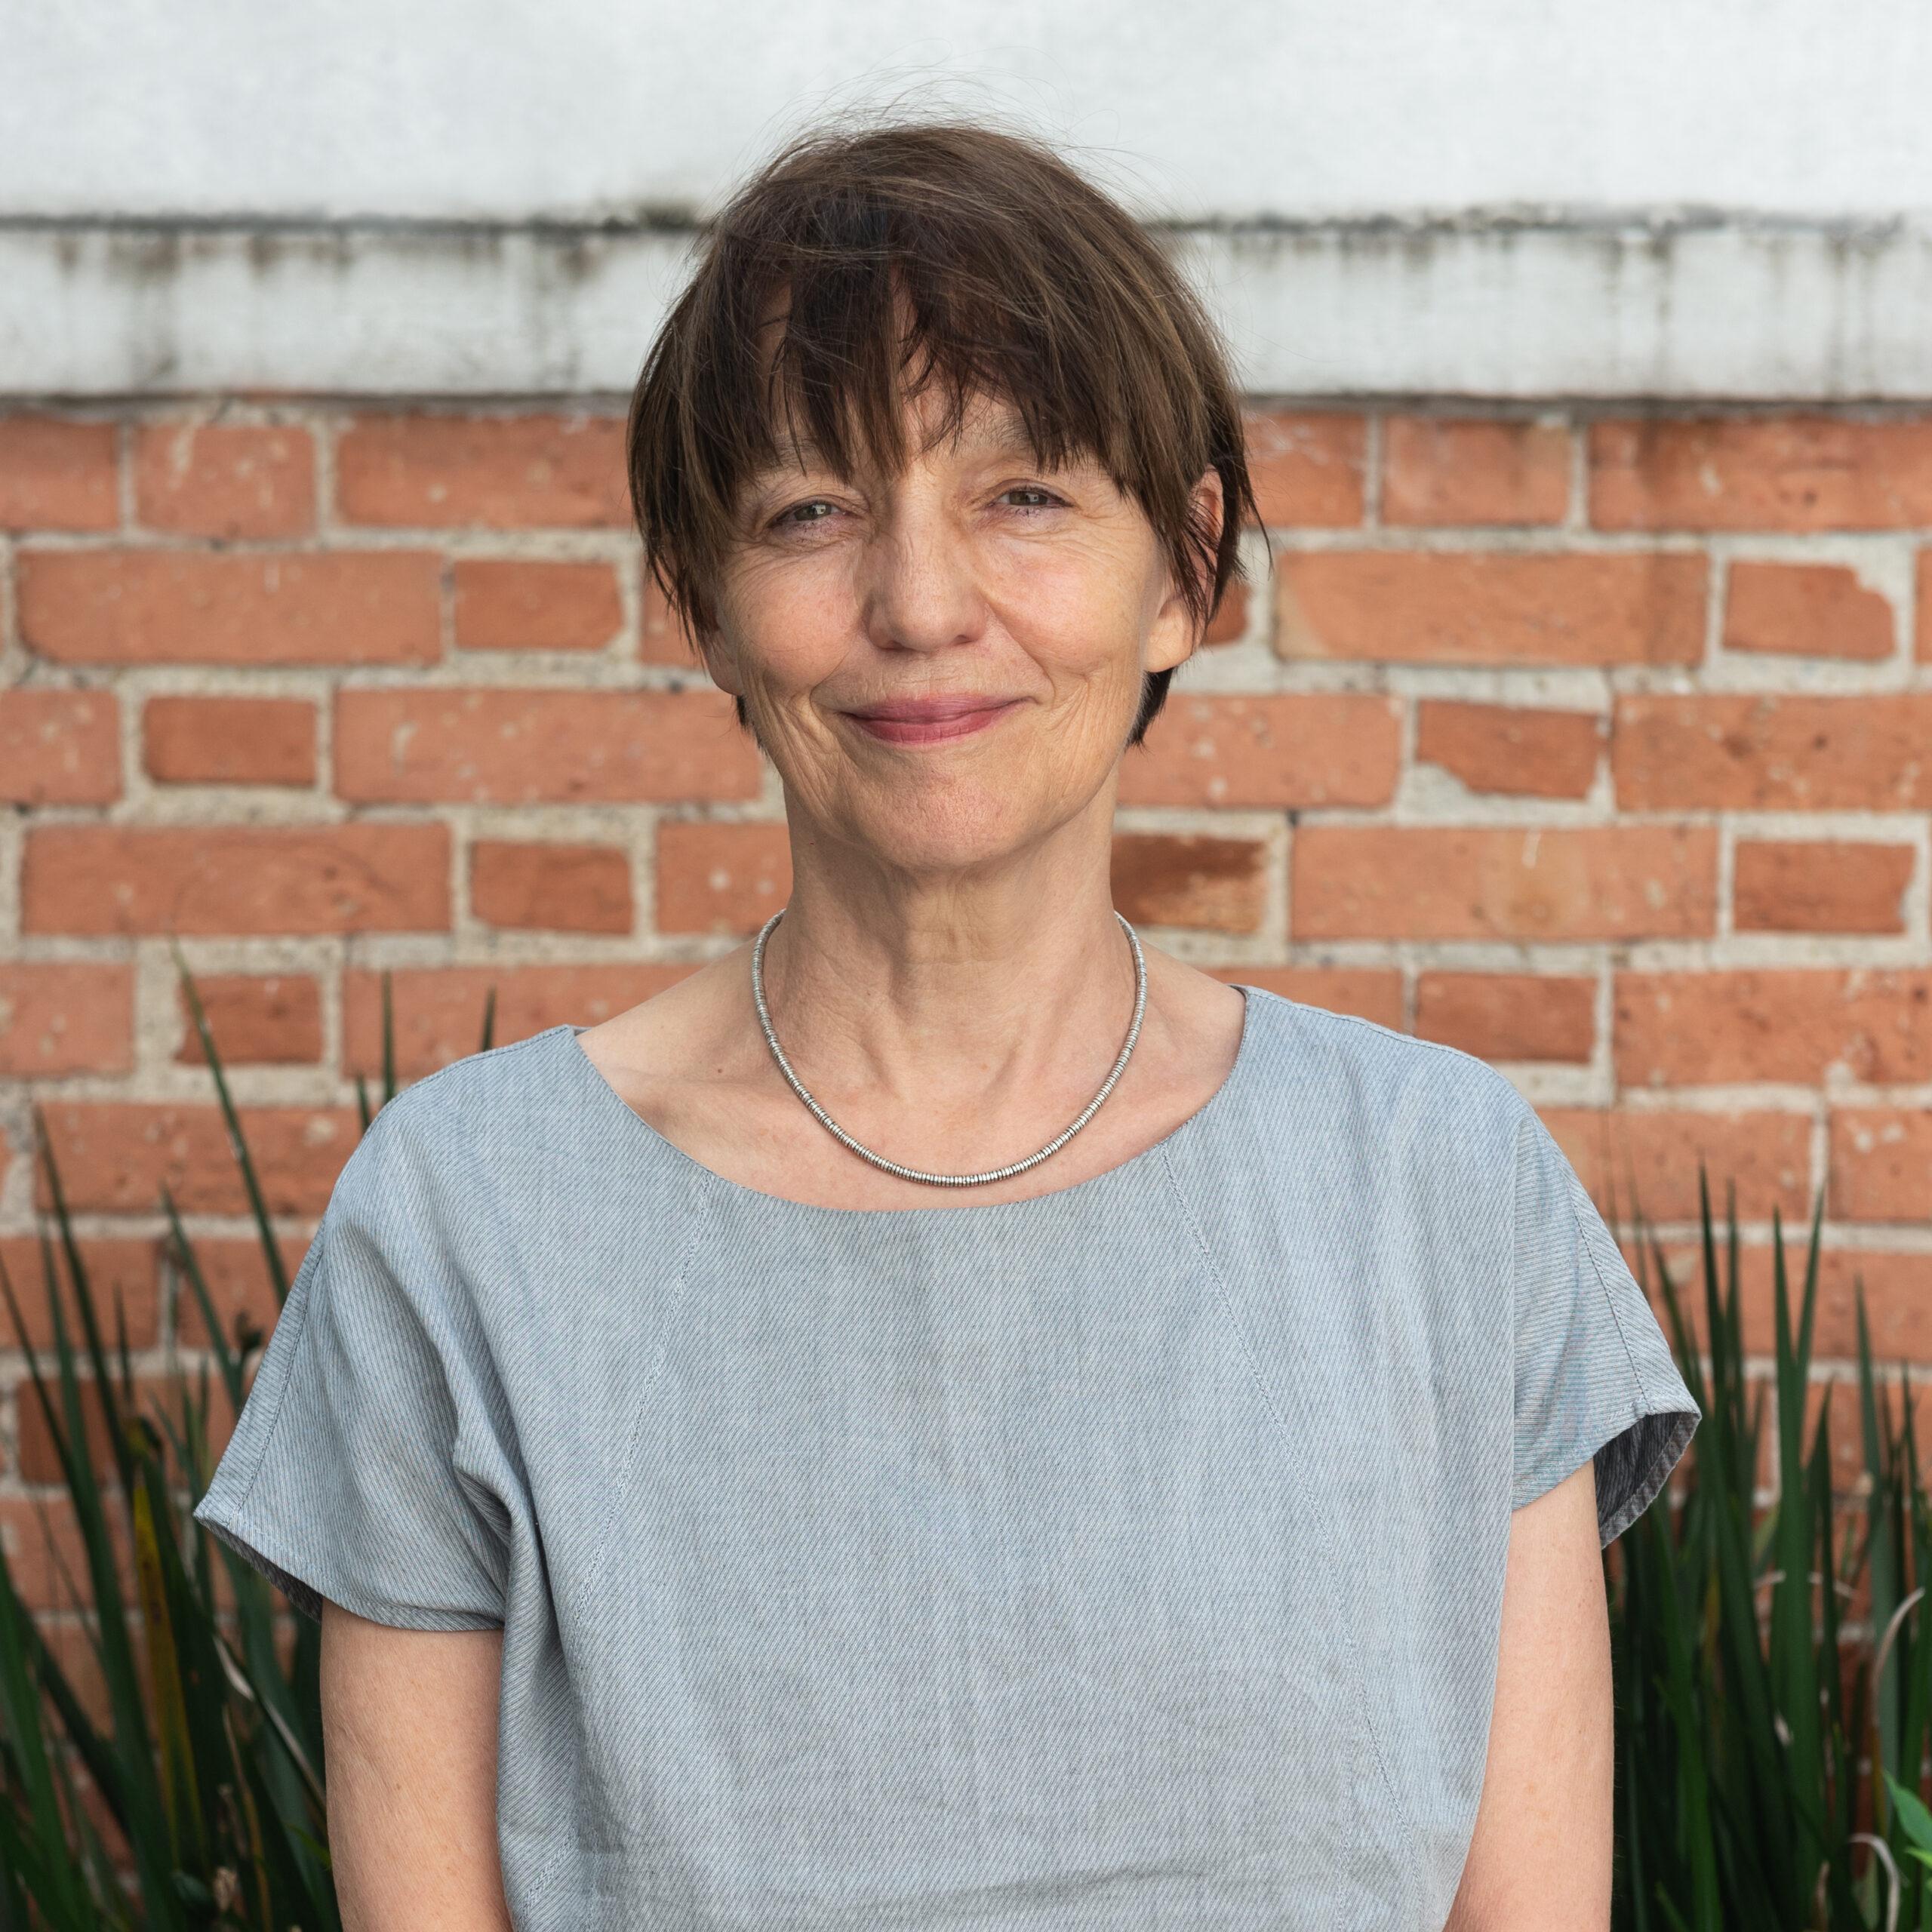 Marianne Braig